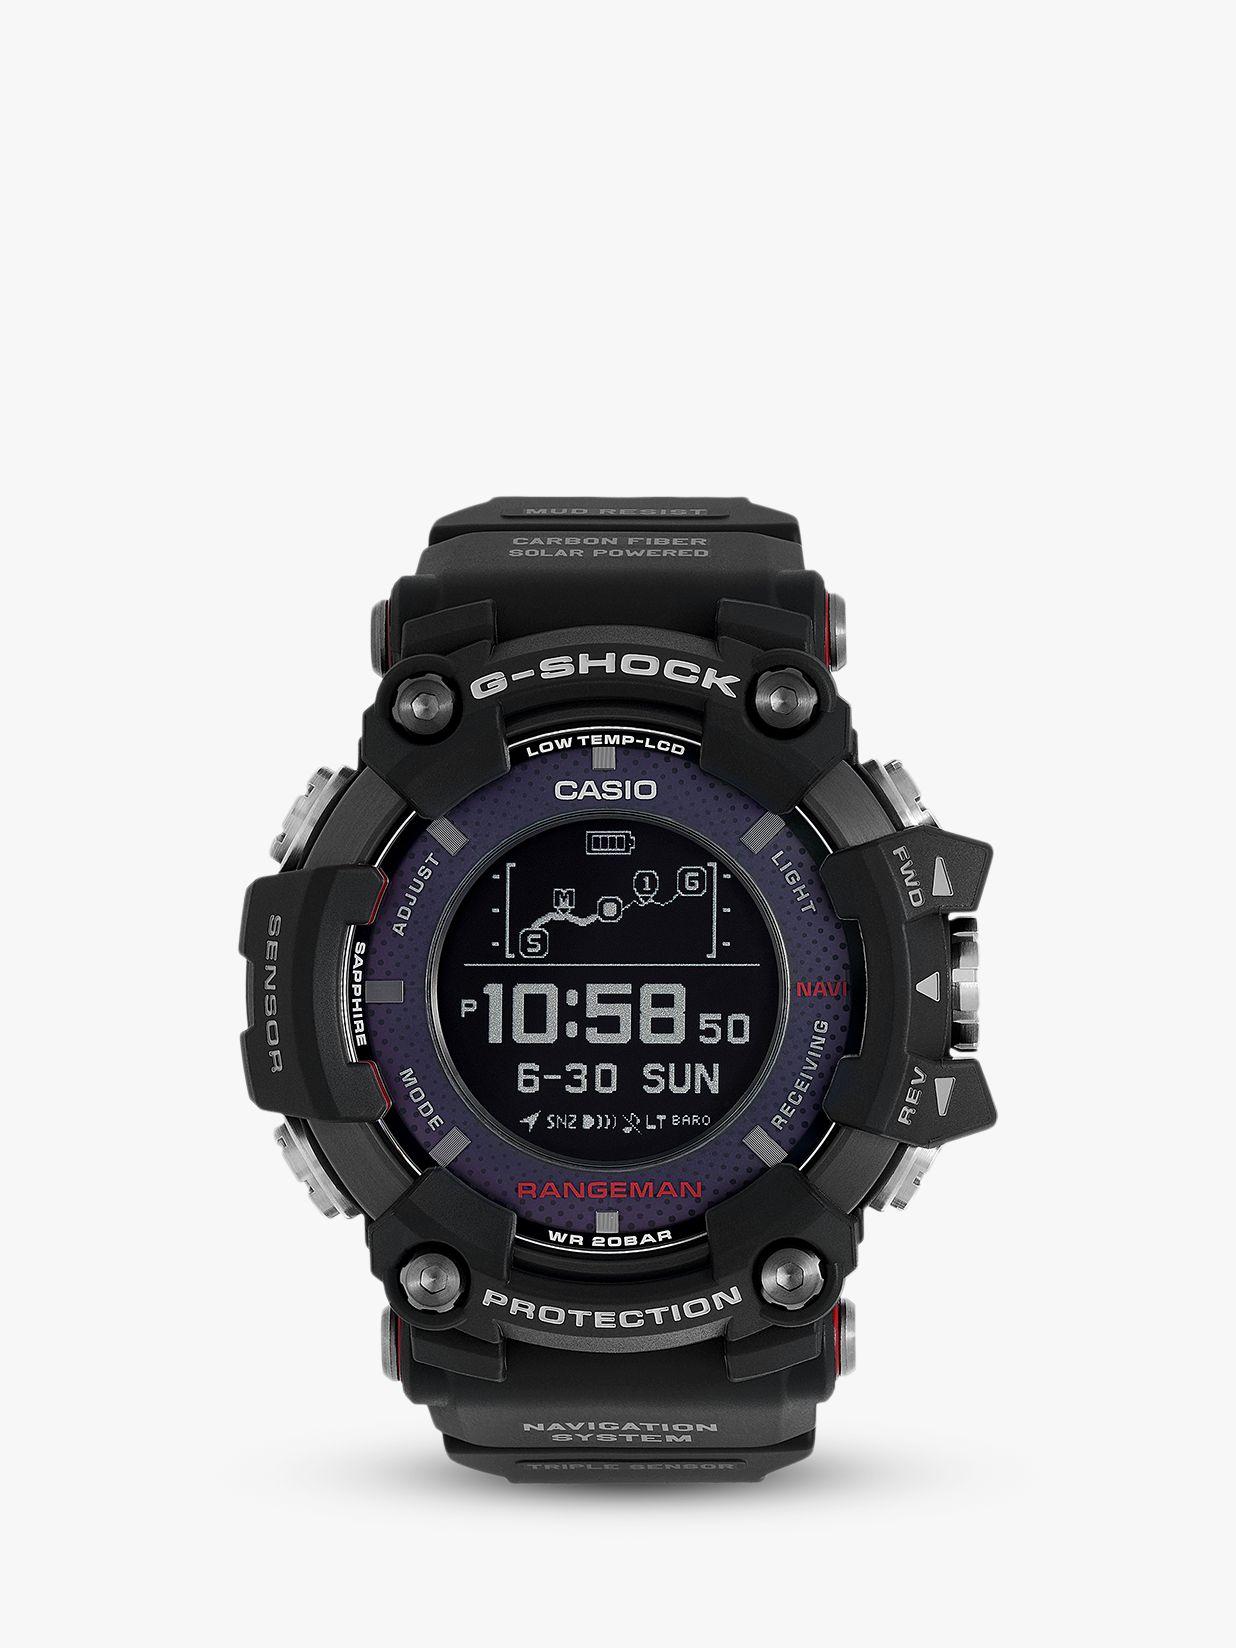 Casio Casio GPR-B1000-1ER Men's G-Shock Rangeman Solar GPS Resin Strap Watch, Black